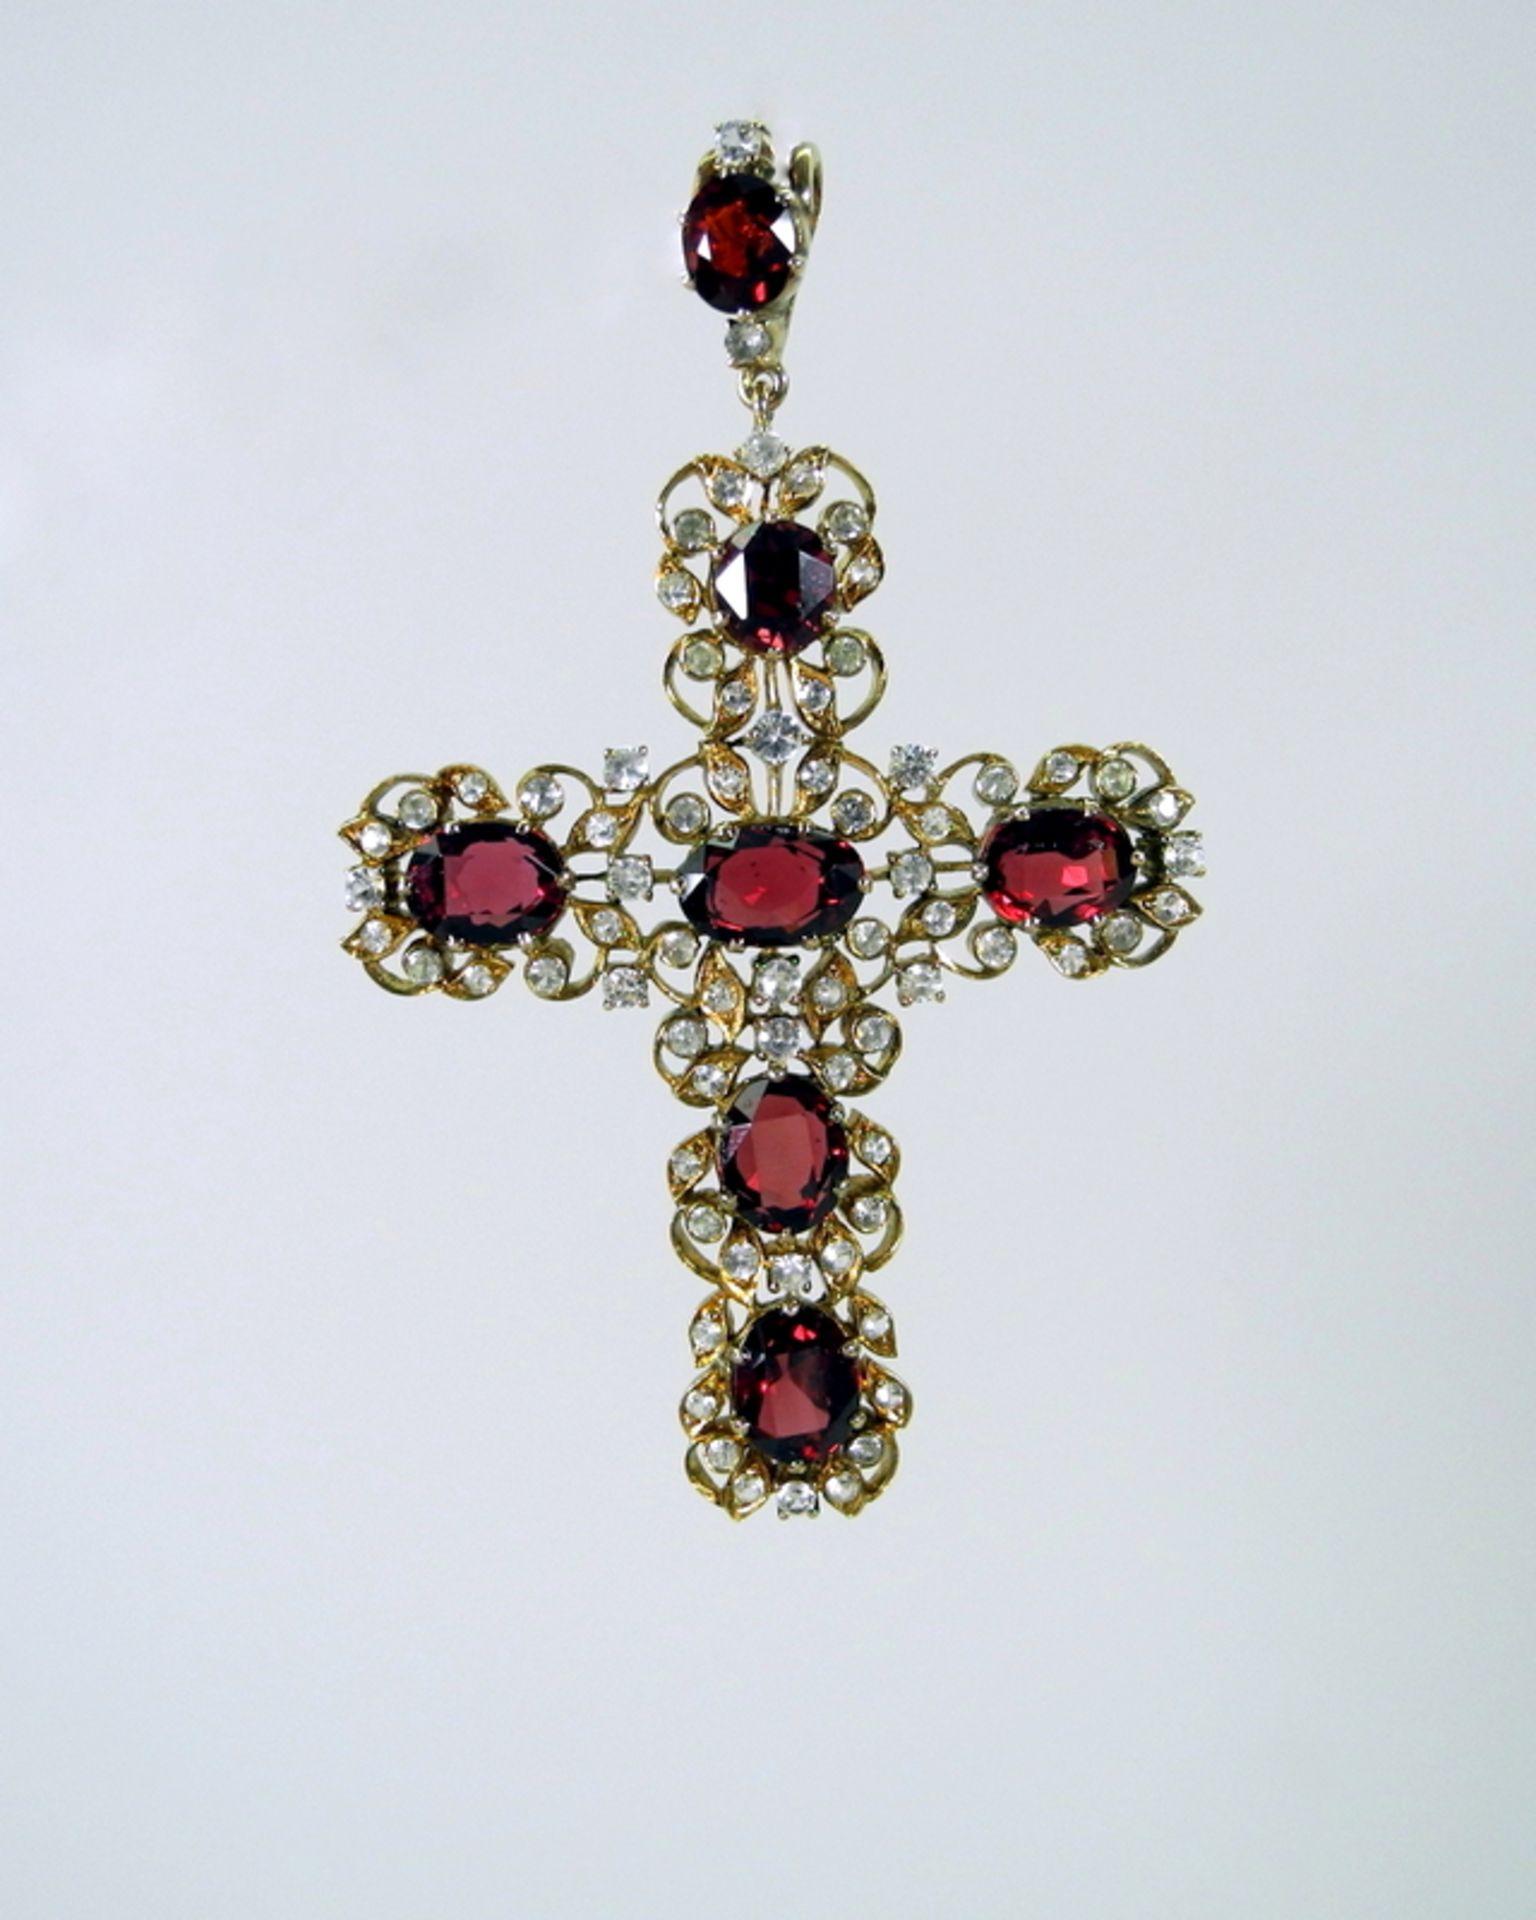 Kreuz mit Bruststern-Anhänger in barocker Form14 K. Gelbgoldenes Kreuz als Anhänger